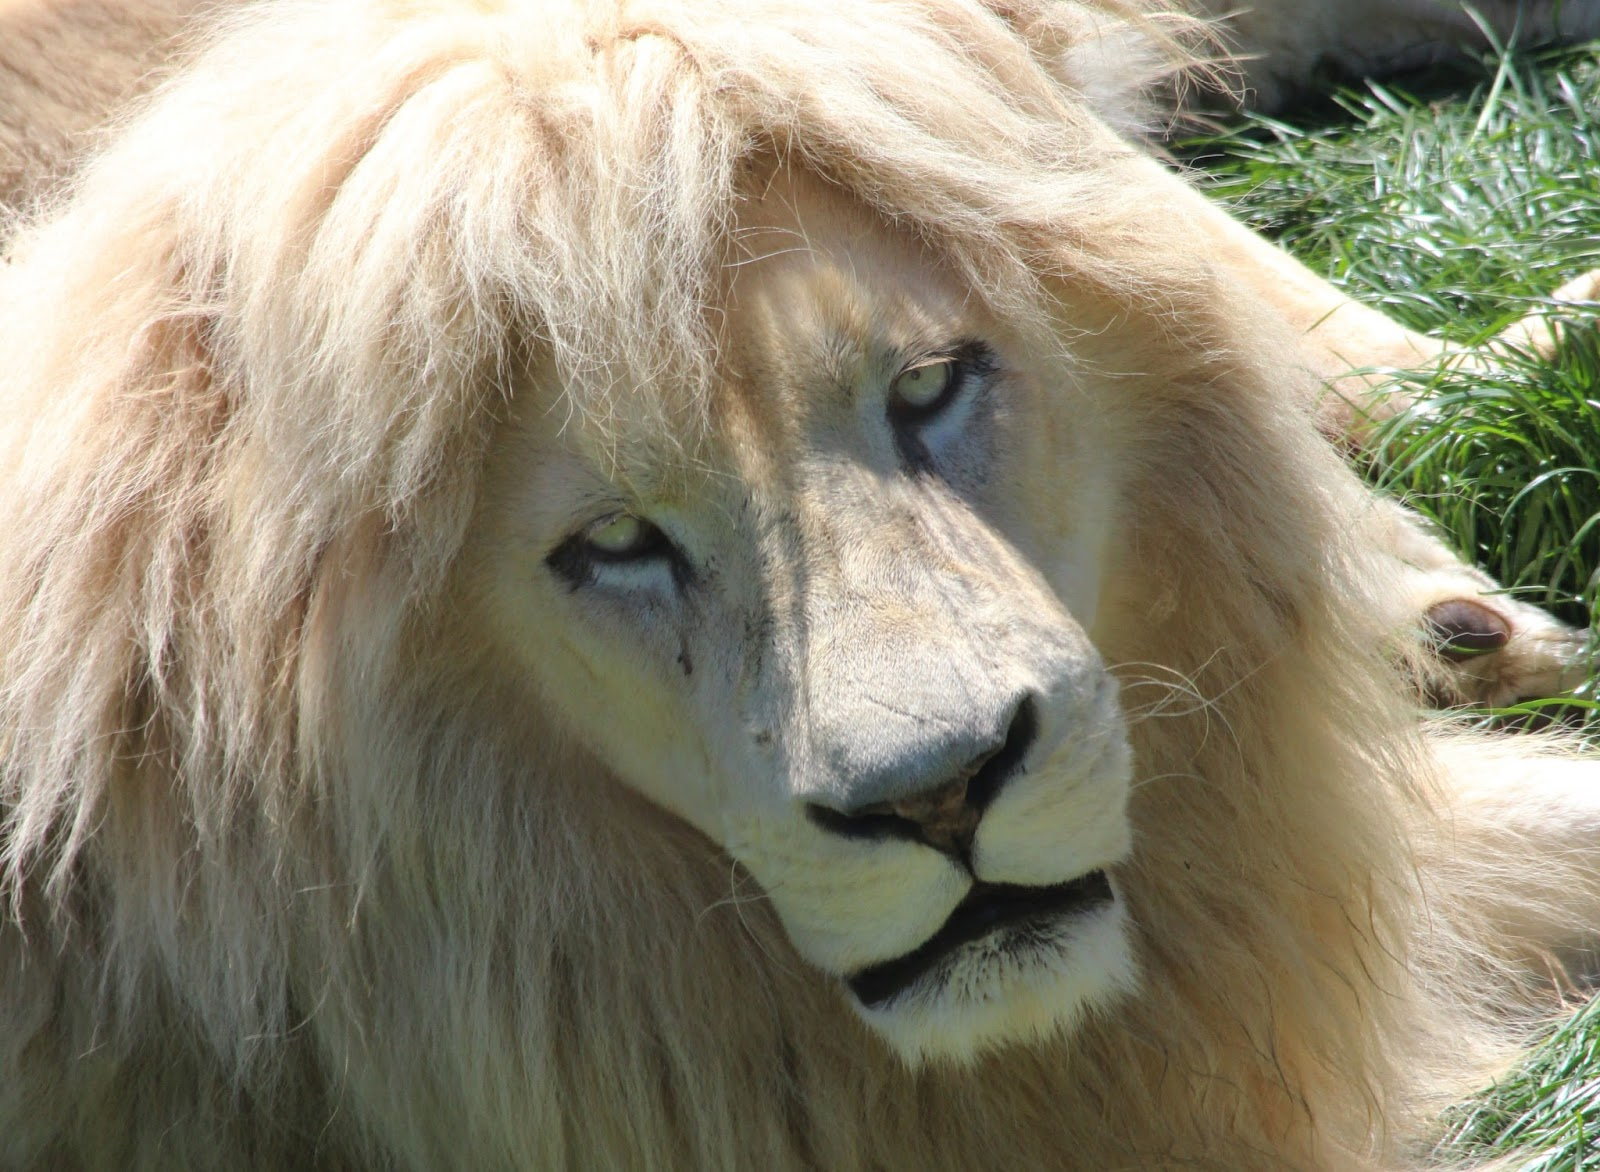 بالصور اجمل حيوان في العالم , ما هو اجمل حيوان في العالم سبحان الخالق 1830 6